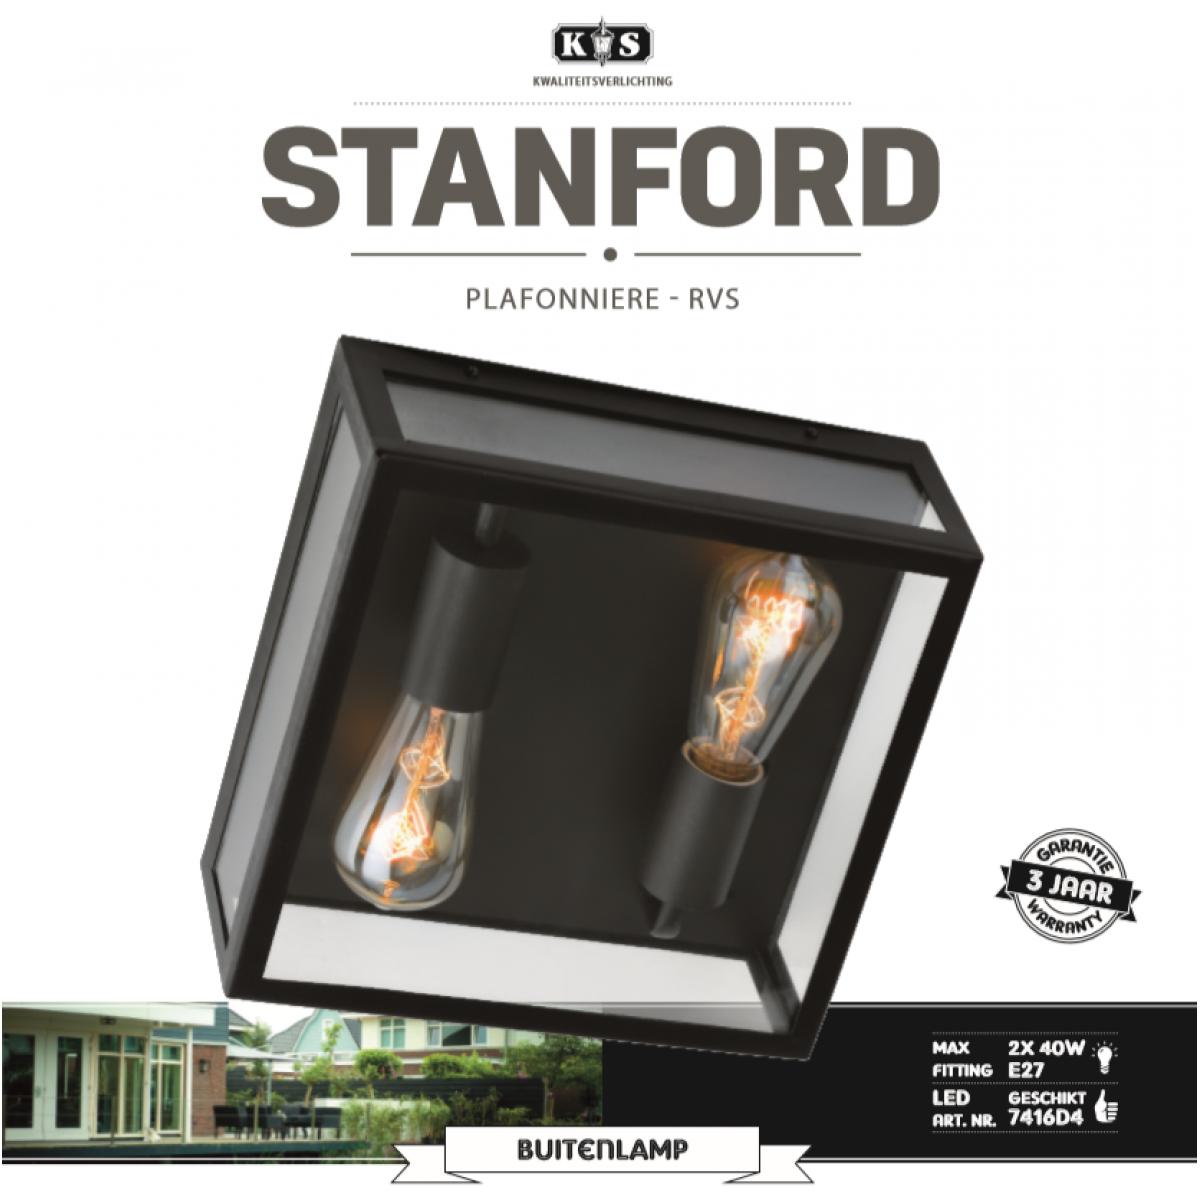 Plafondlamp stijlvol strak modern design, vierkant rvs frame met zwarte poedercoating, heldere beglazing, lichtbronnen 2 x e27 zichtbaar, ook als wandlamp op te hangen